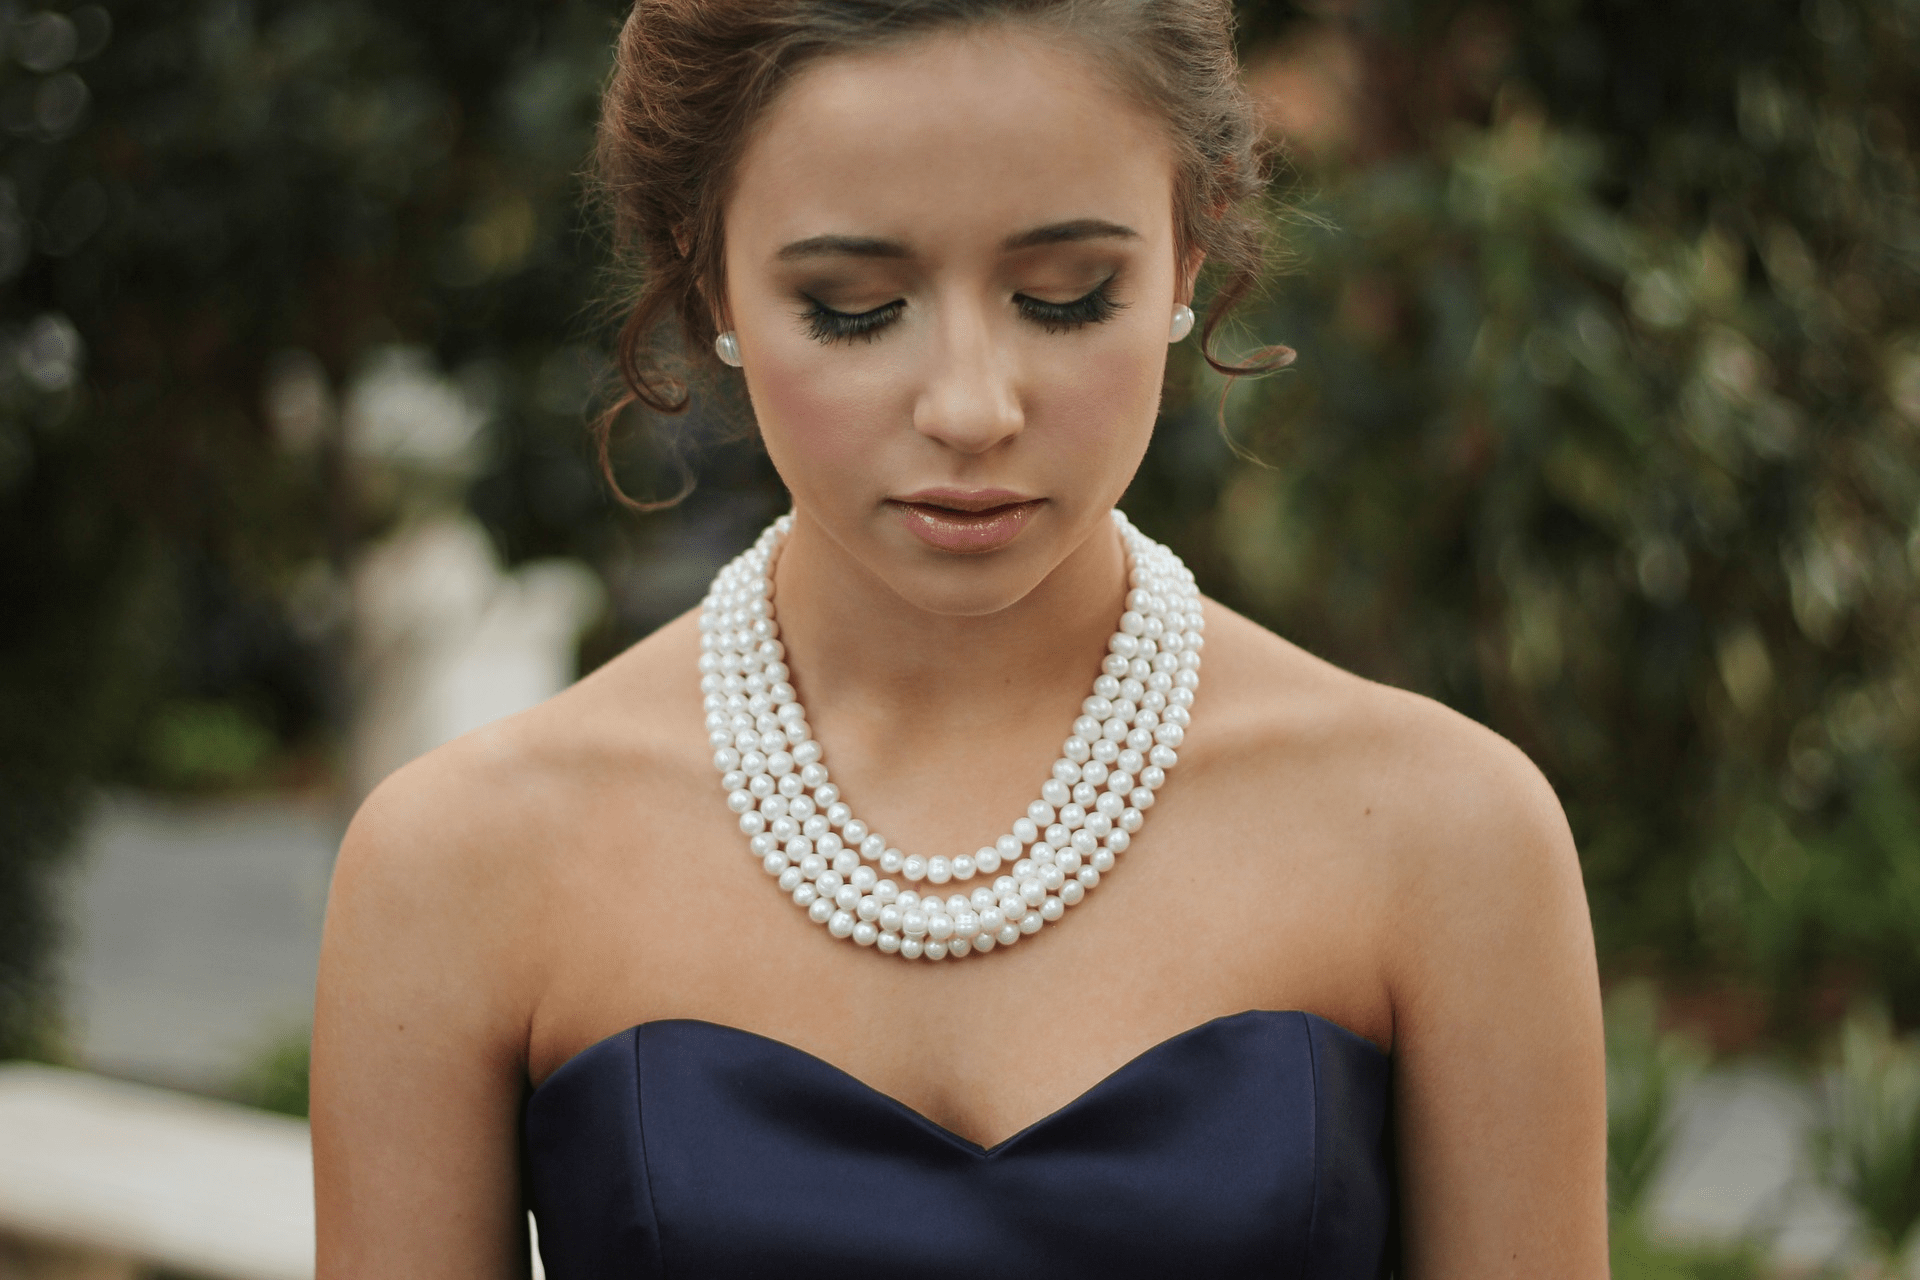 Brug smykker til at fuldende dit outfit!